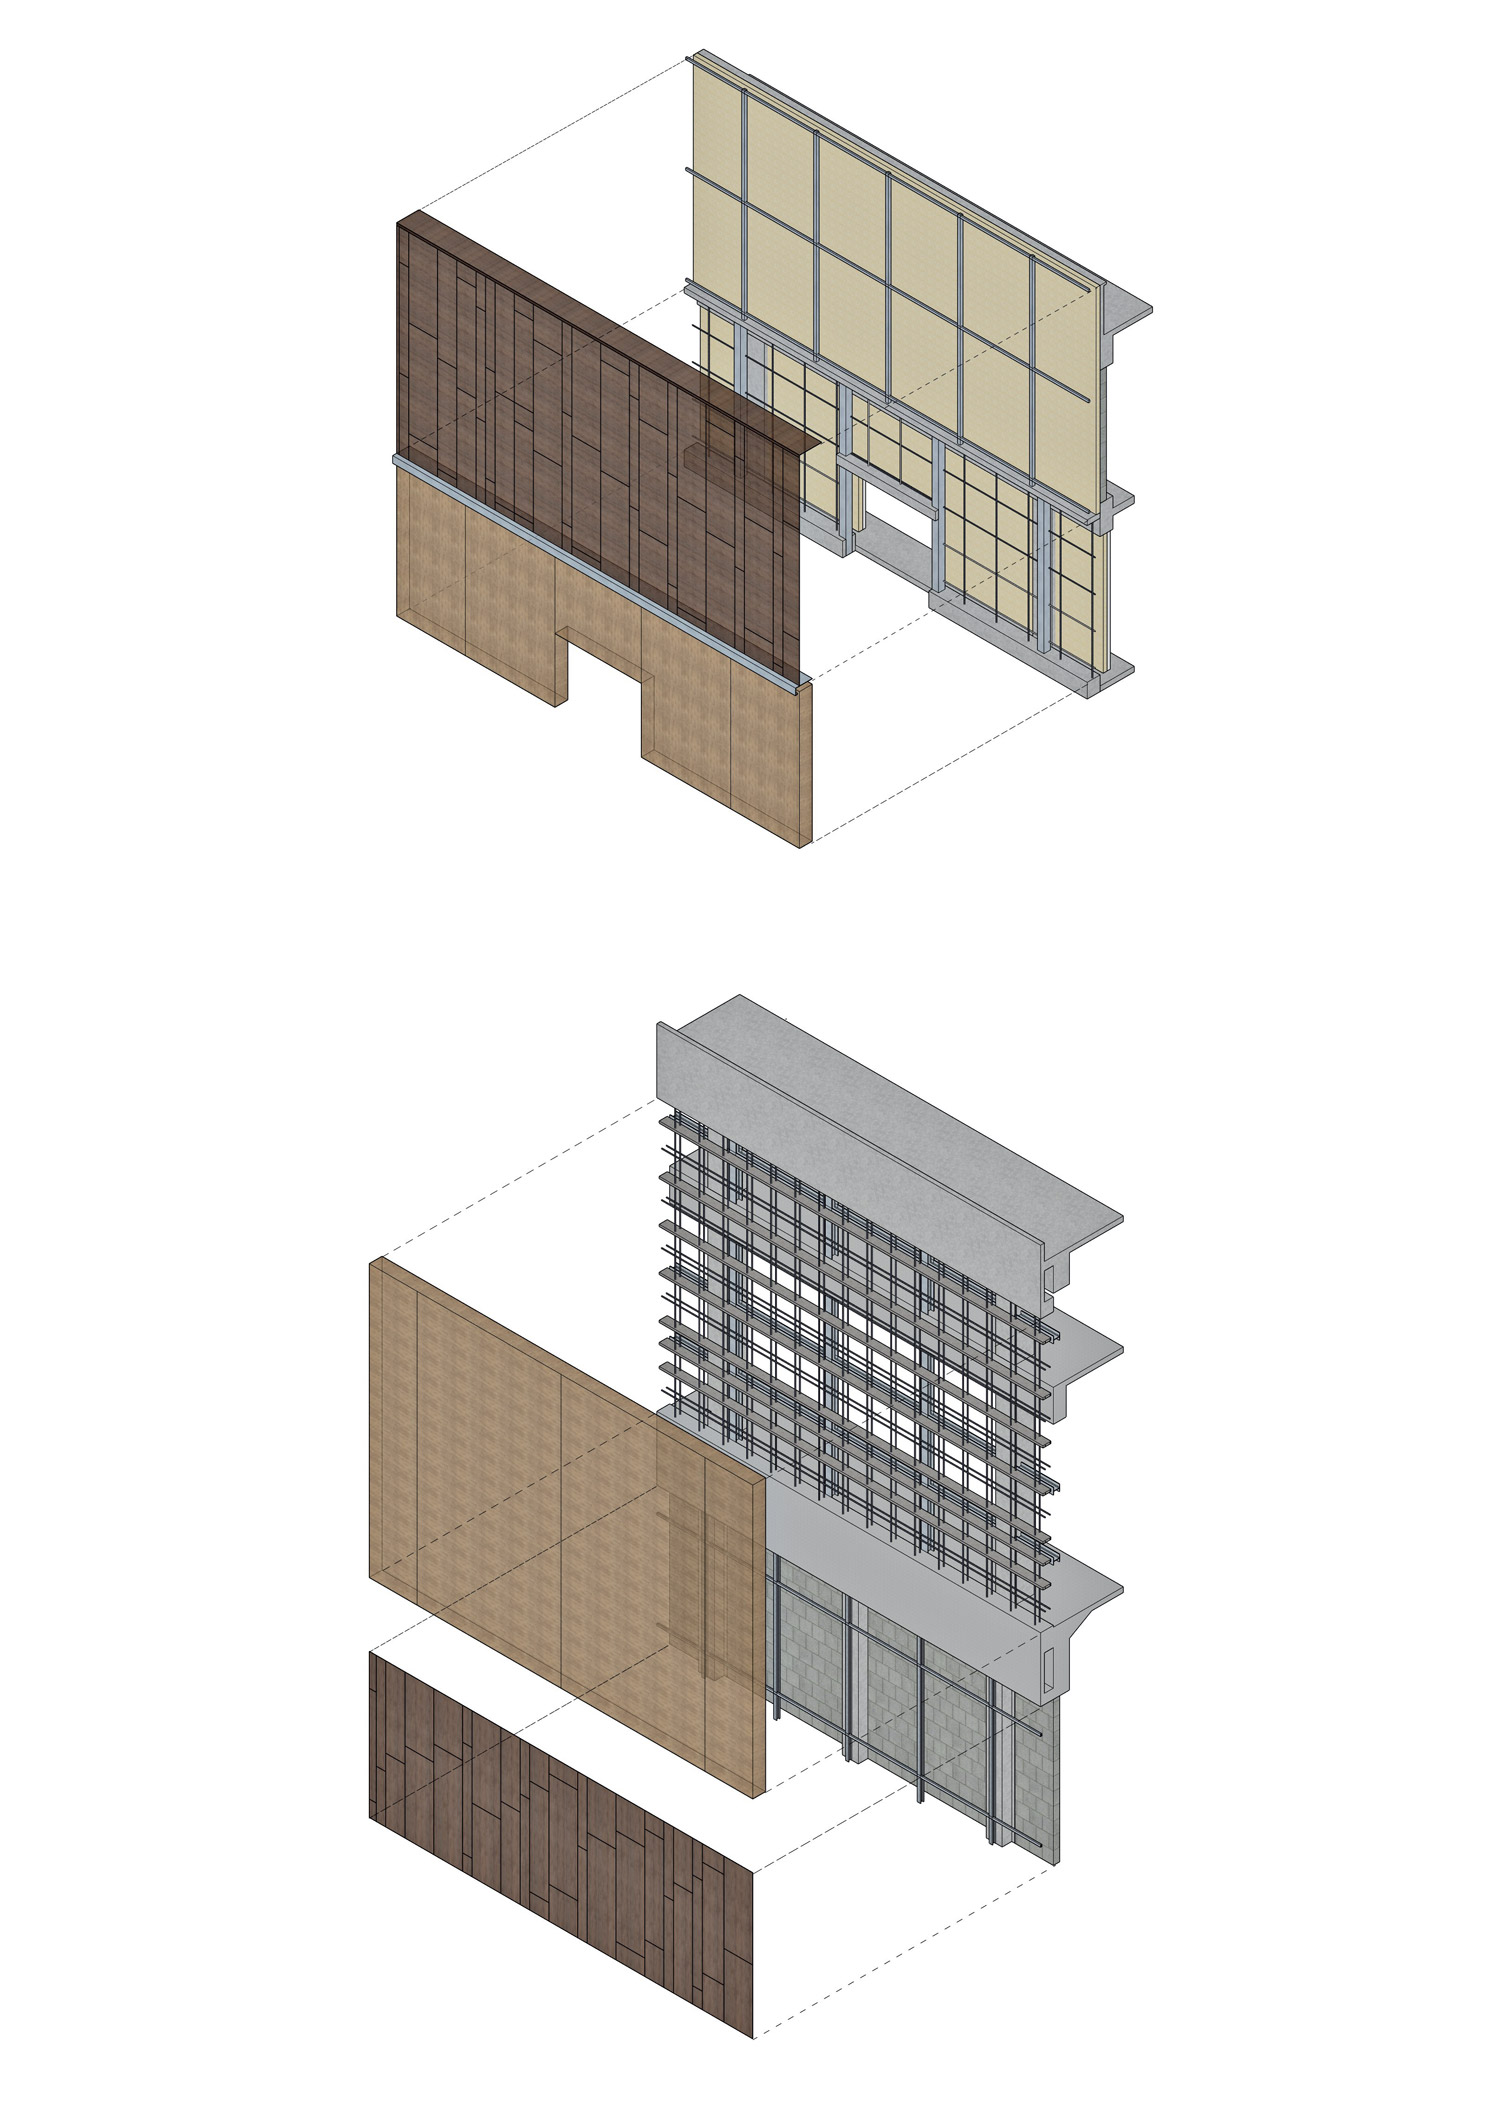 Schemi costruttivi della composizione strutturale e delle finiture delle murature